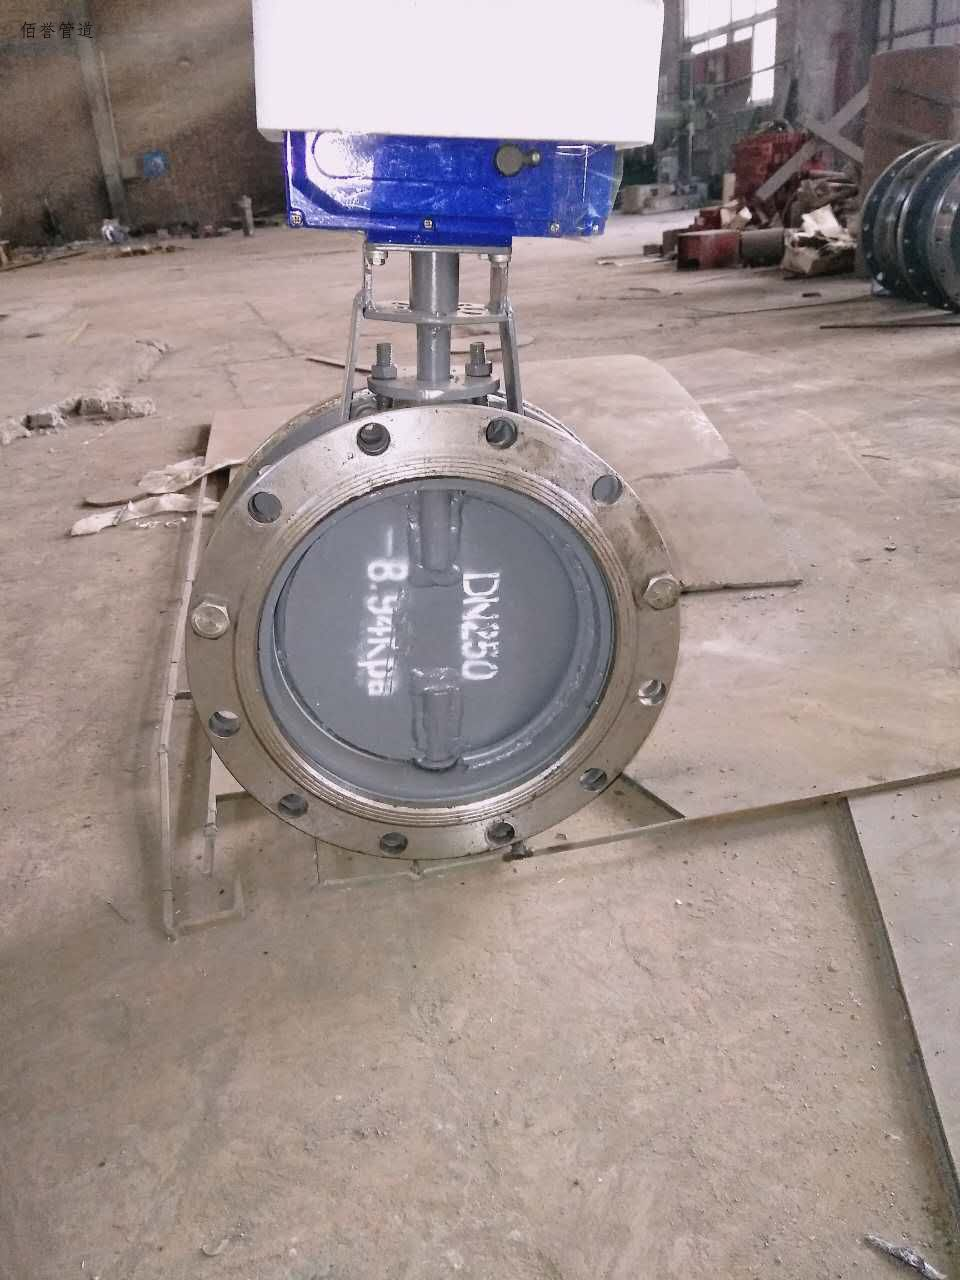 沧州佰誉管道制造有限公司不锈钢人孔材料是人类赖以生存和发展的物质基础